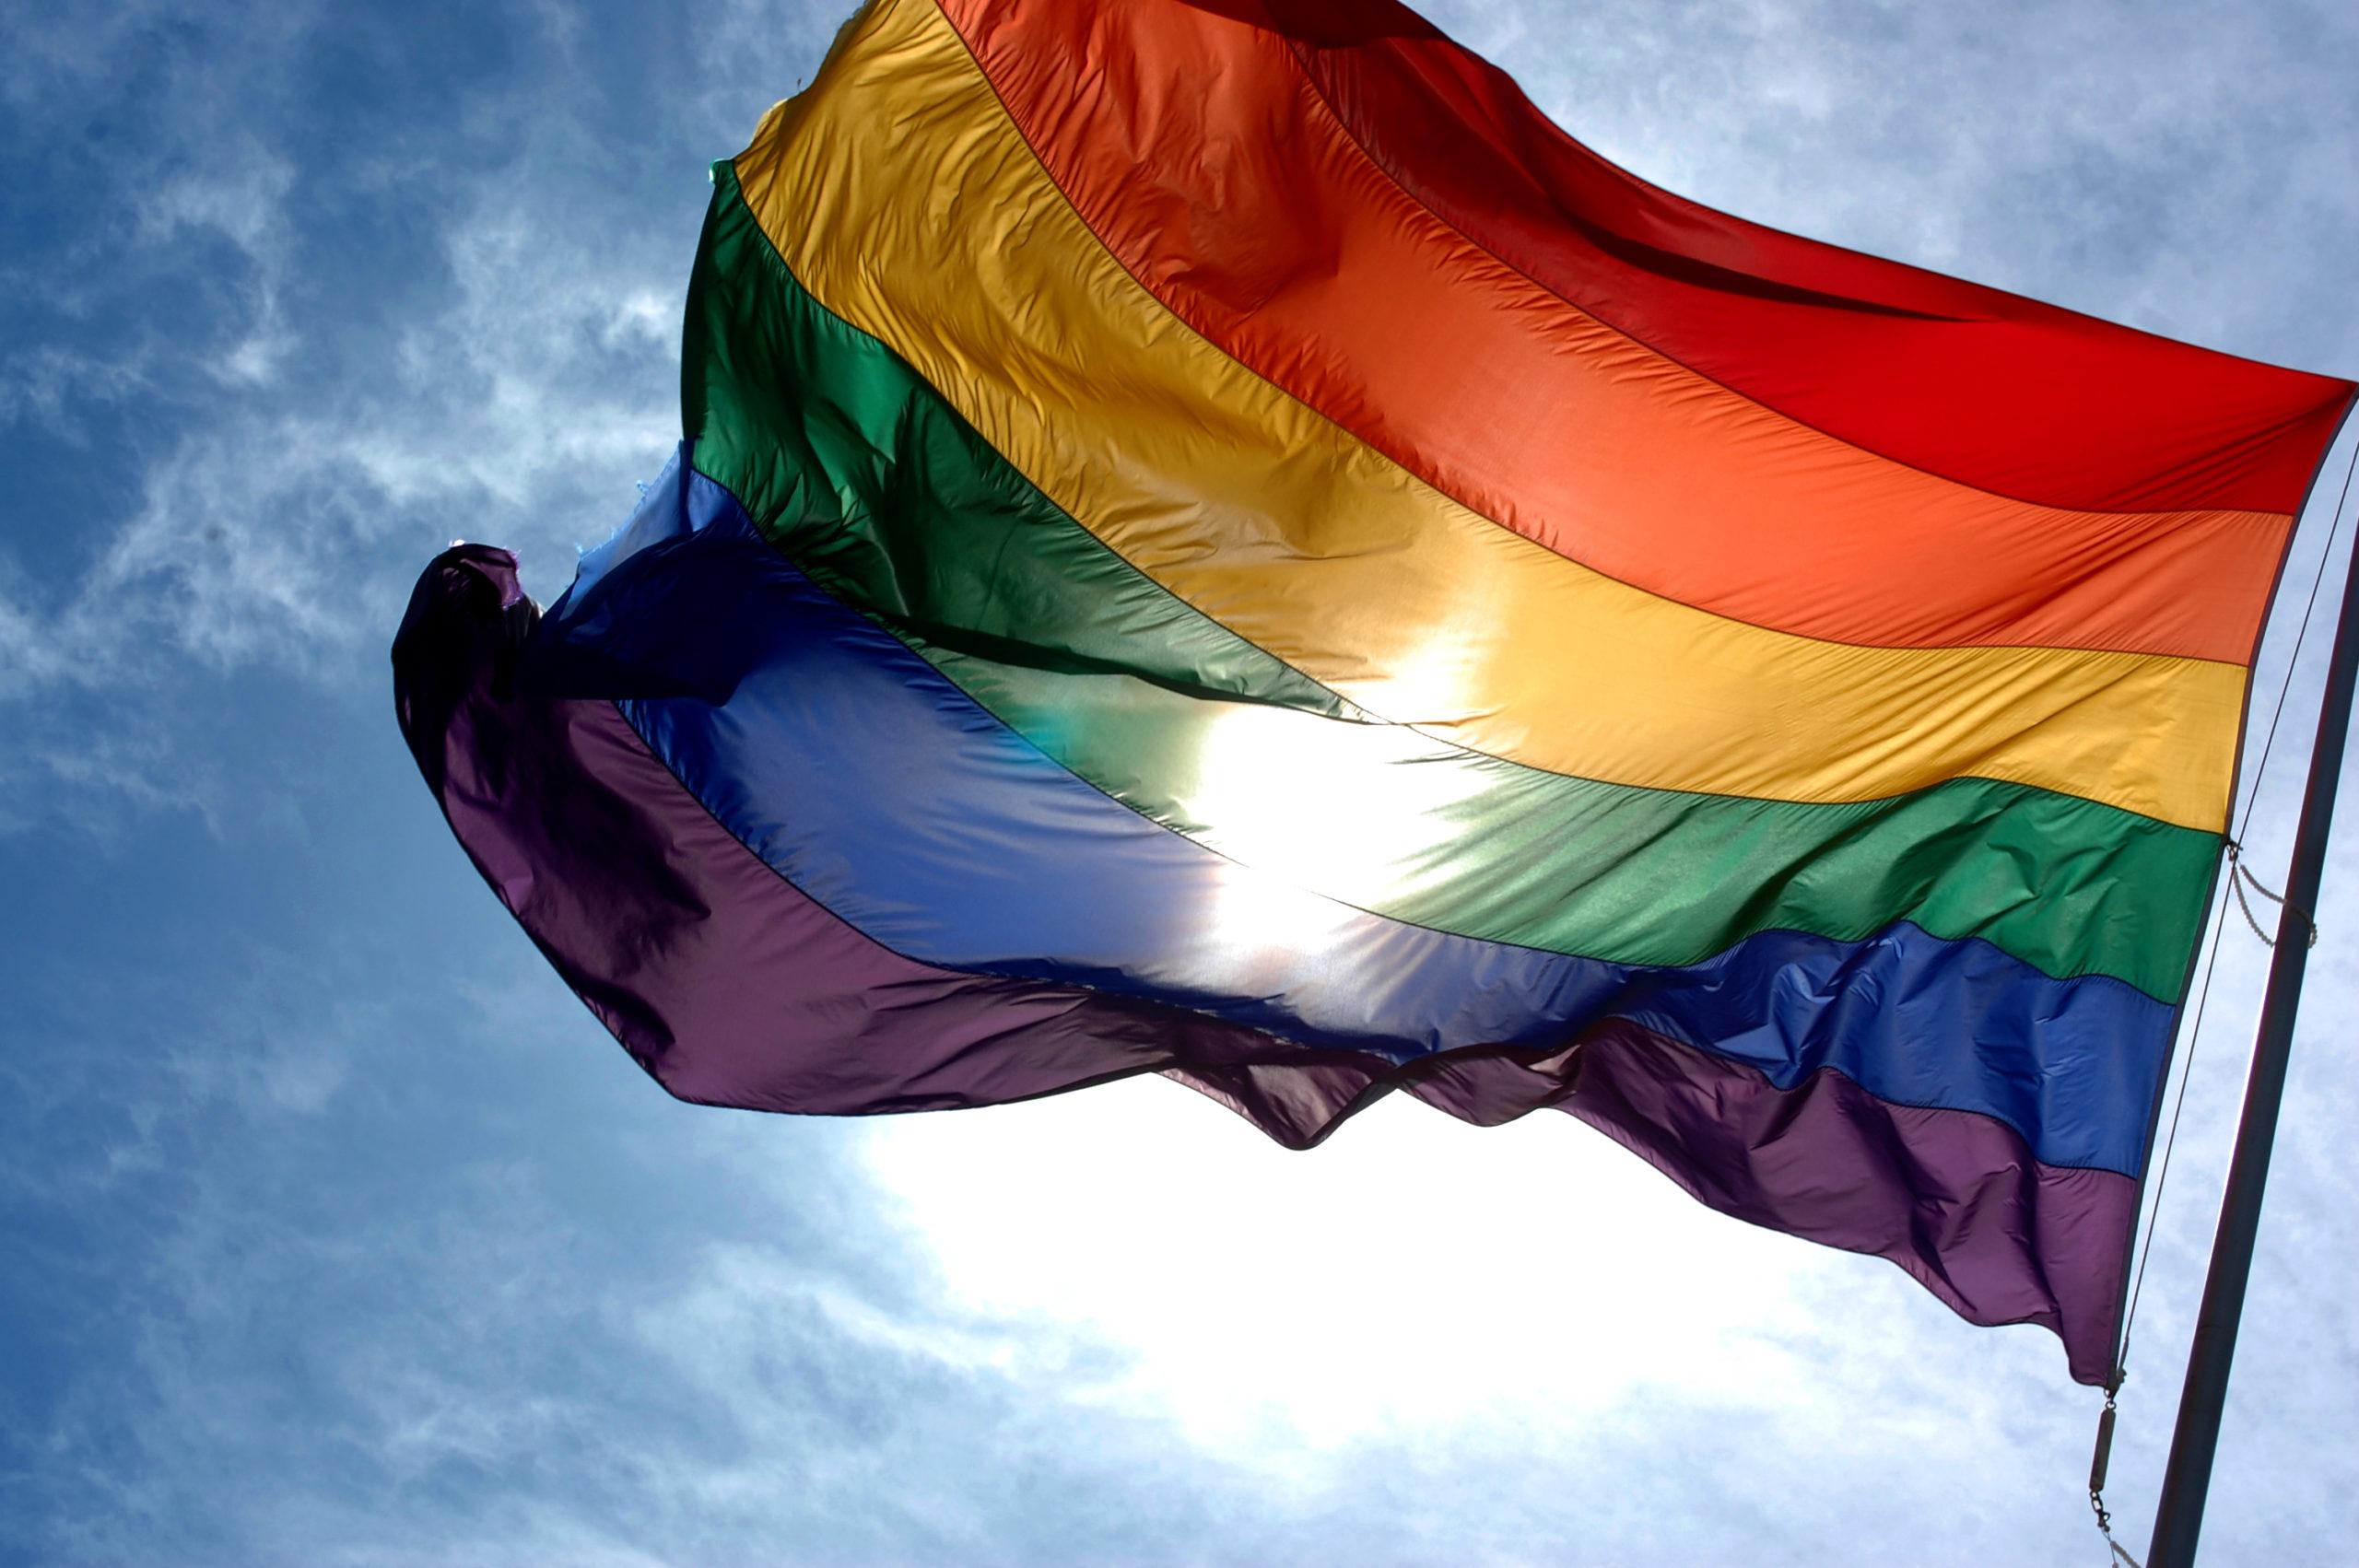 L'omotransfobia offende e ferisce: approvare subito la legge Zan